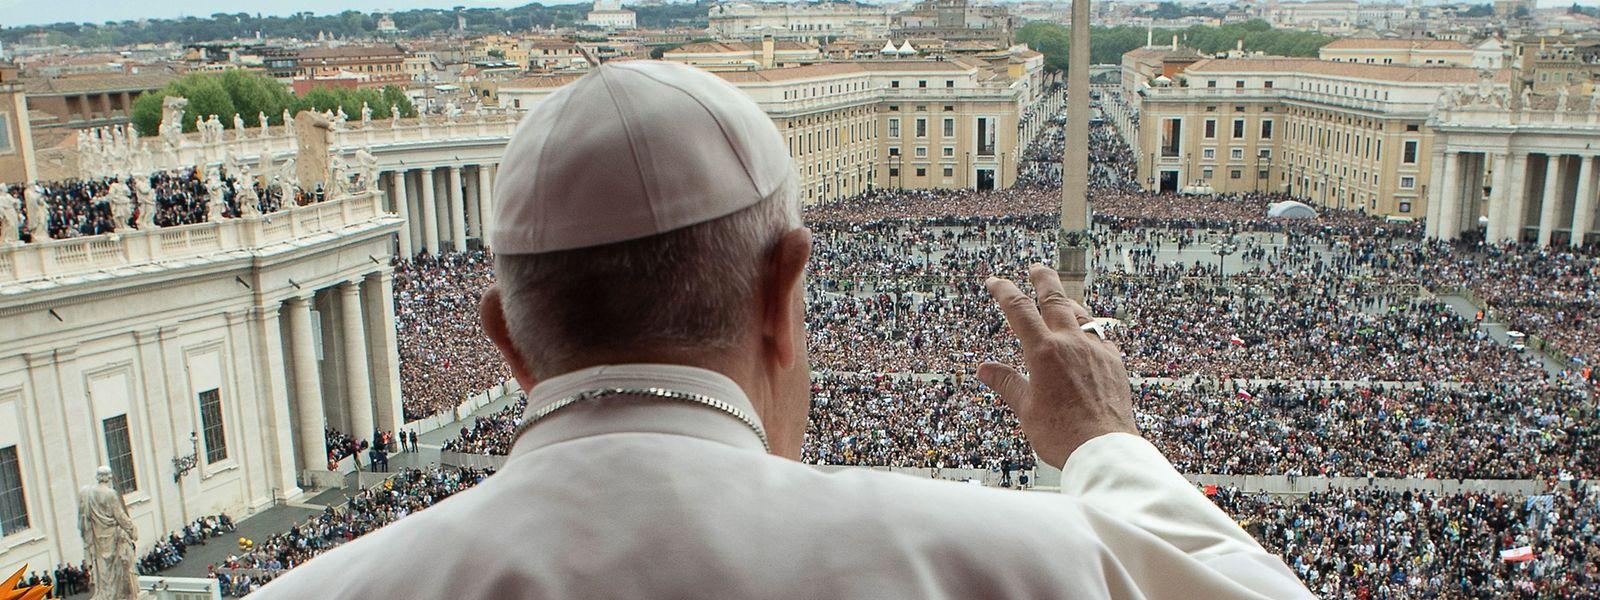 Papst Franziskus am 21. April 2019. Dieses Jahr wird der Papst nur online zu sehen sein.